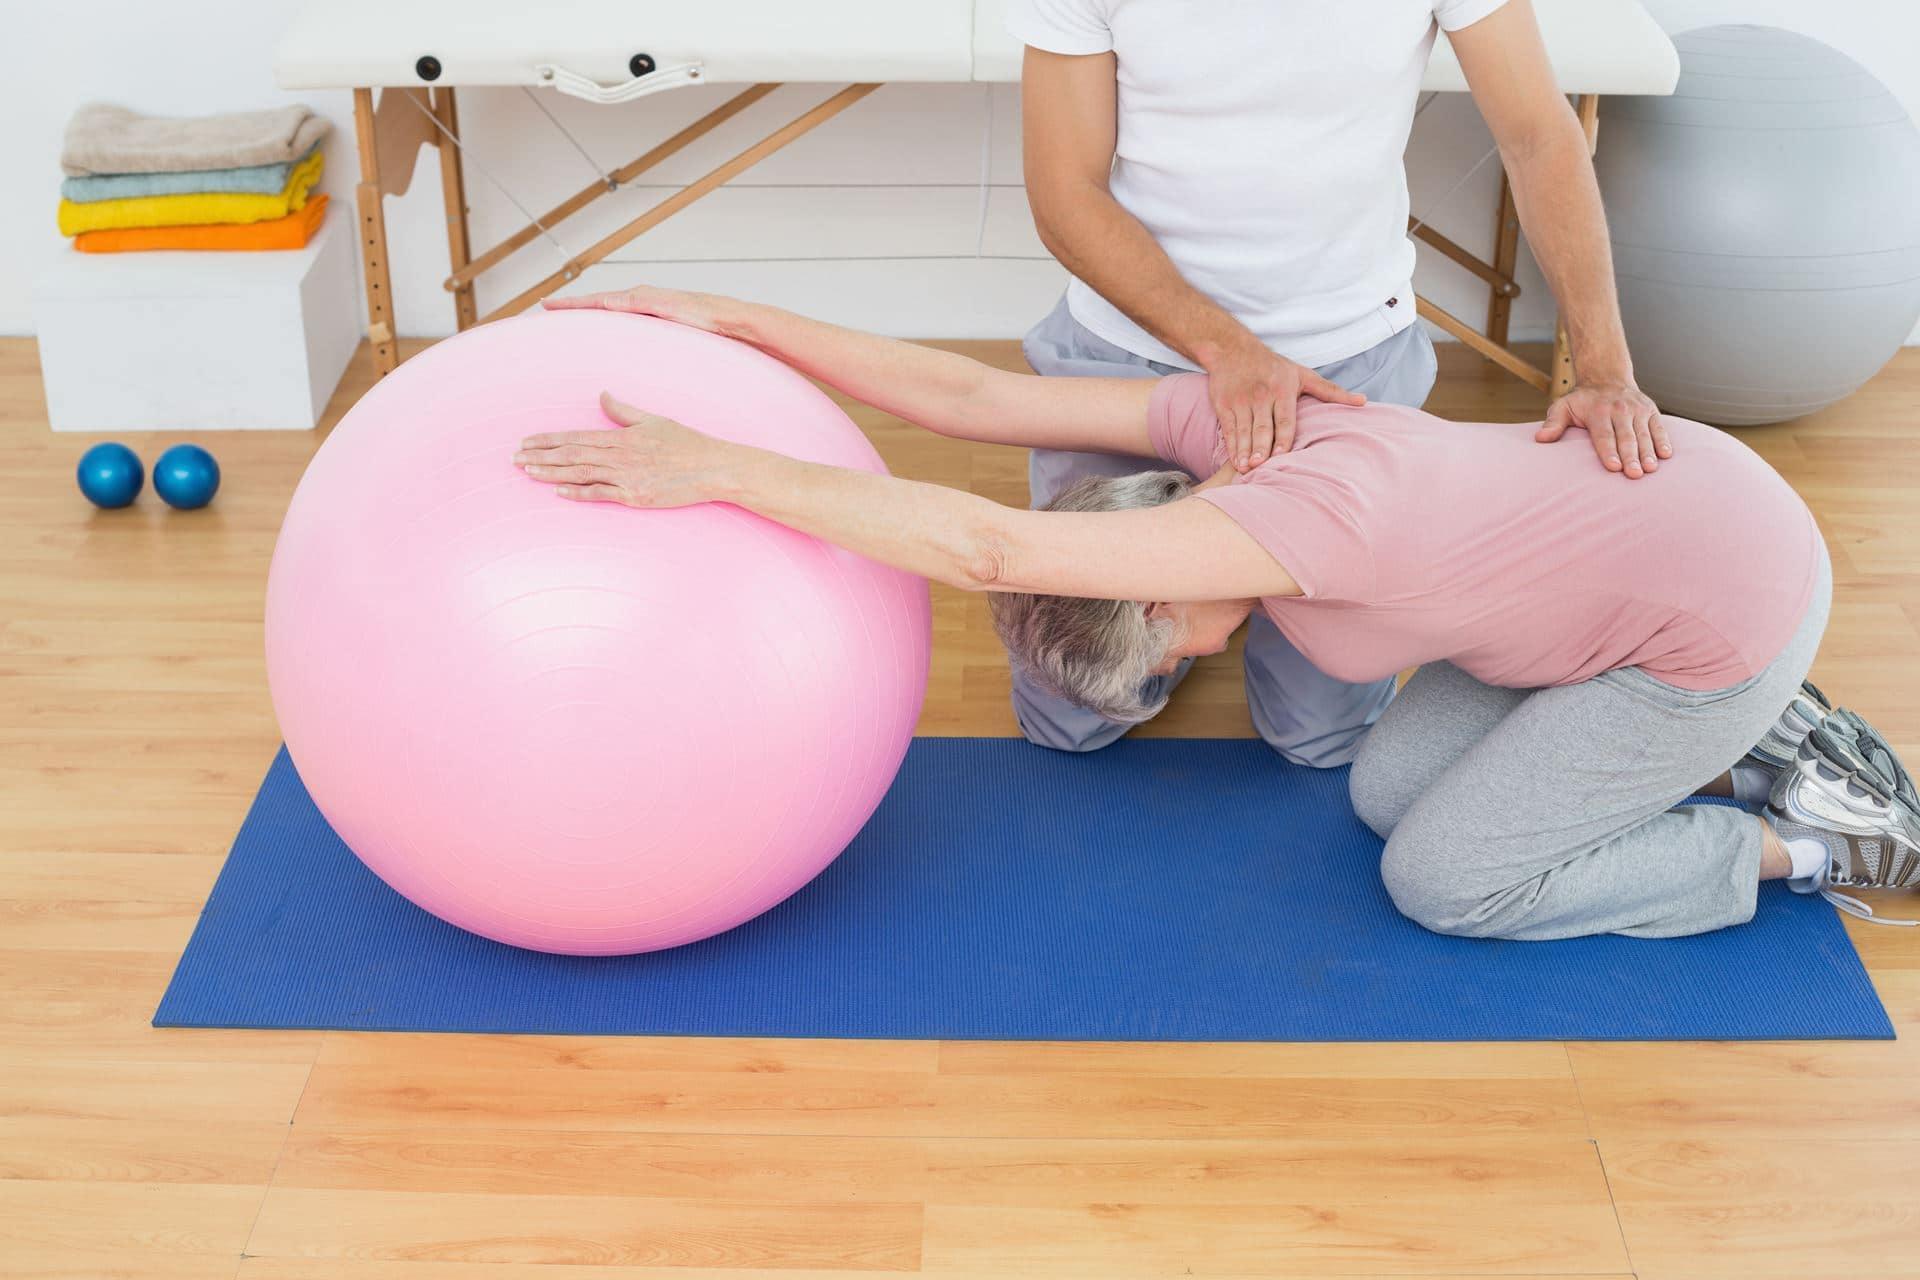 פיזיותרפיה ופילאטיס שיקומי - Restart Therapy שיקום למבוגרים באופן פרטי